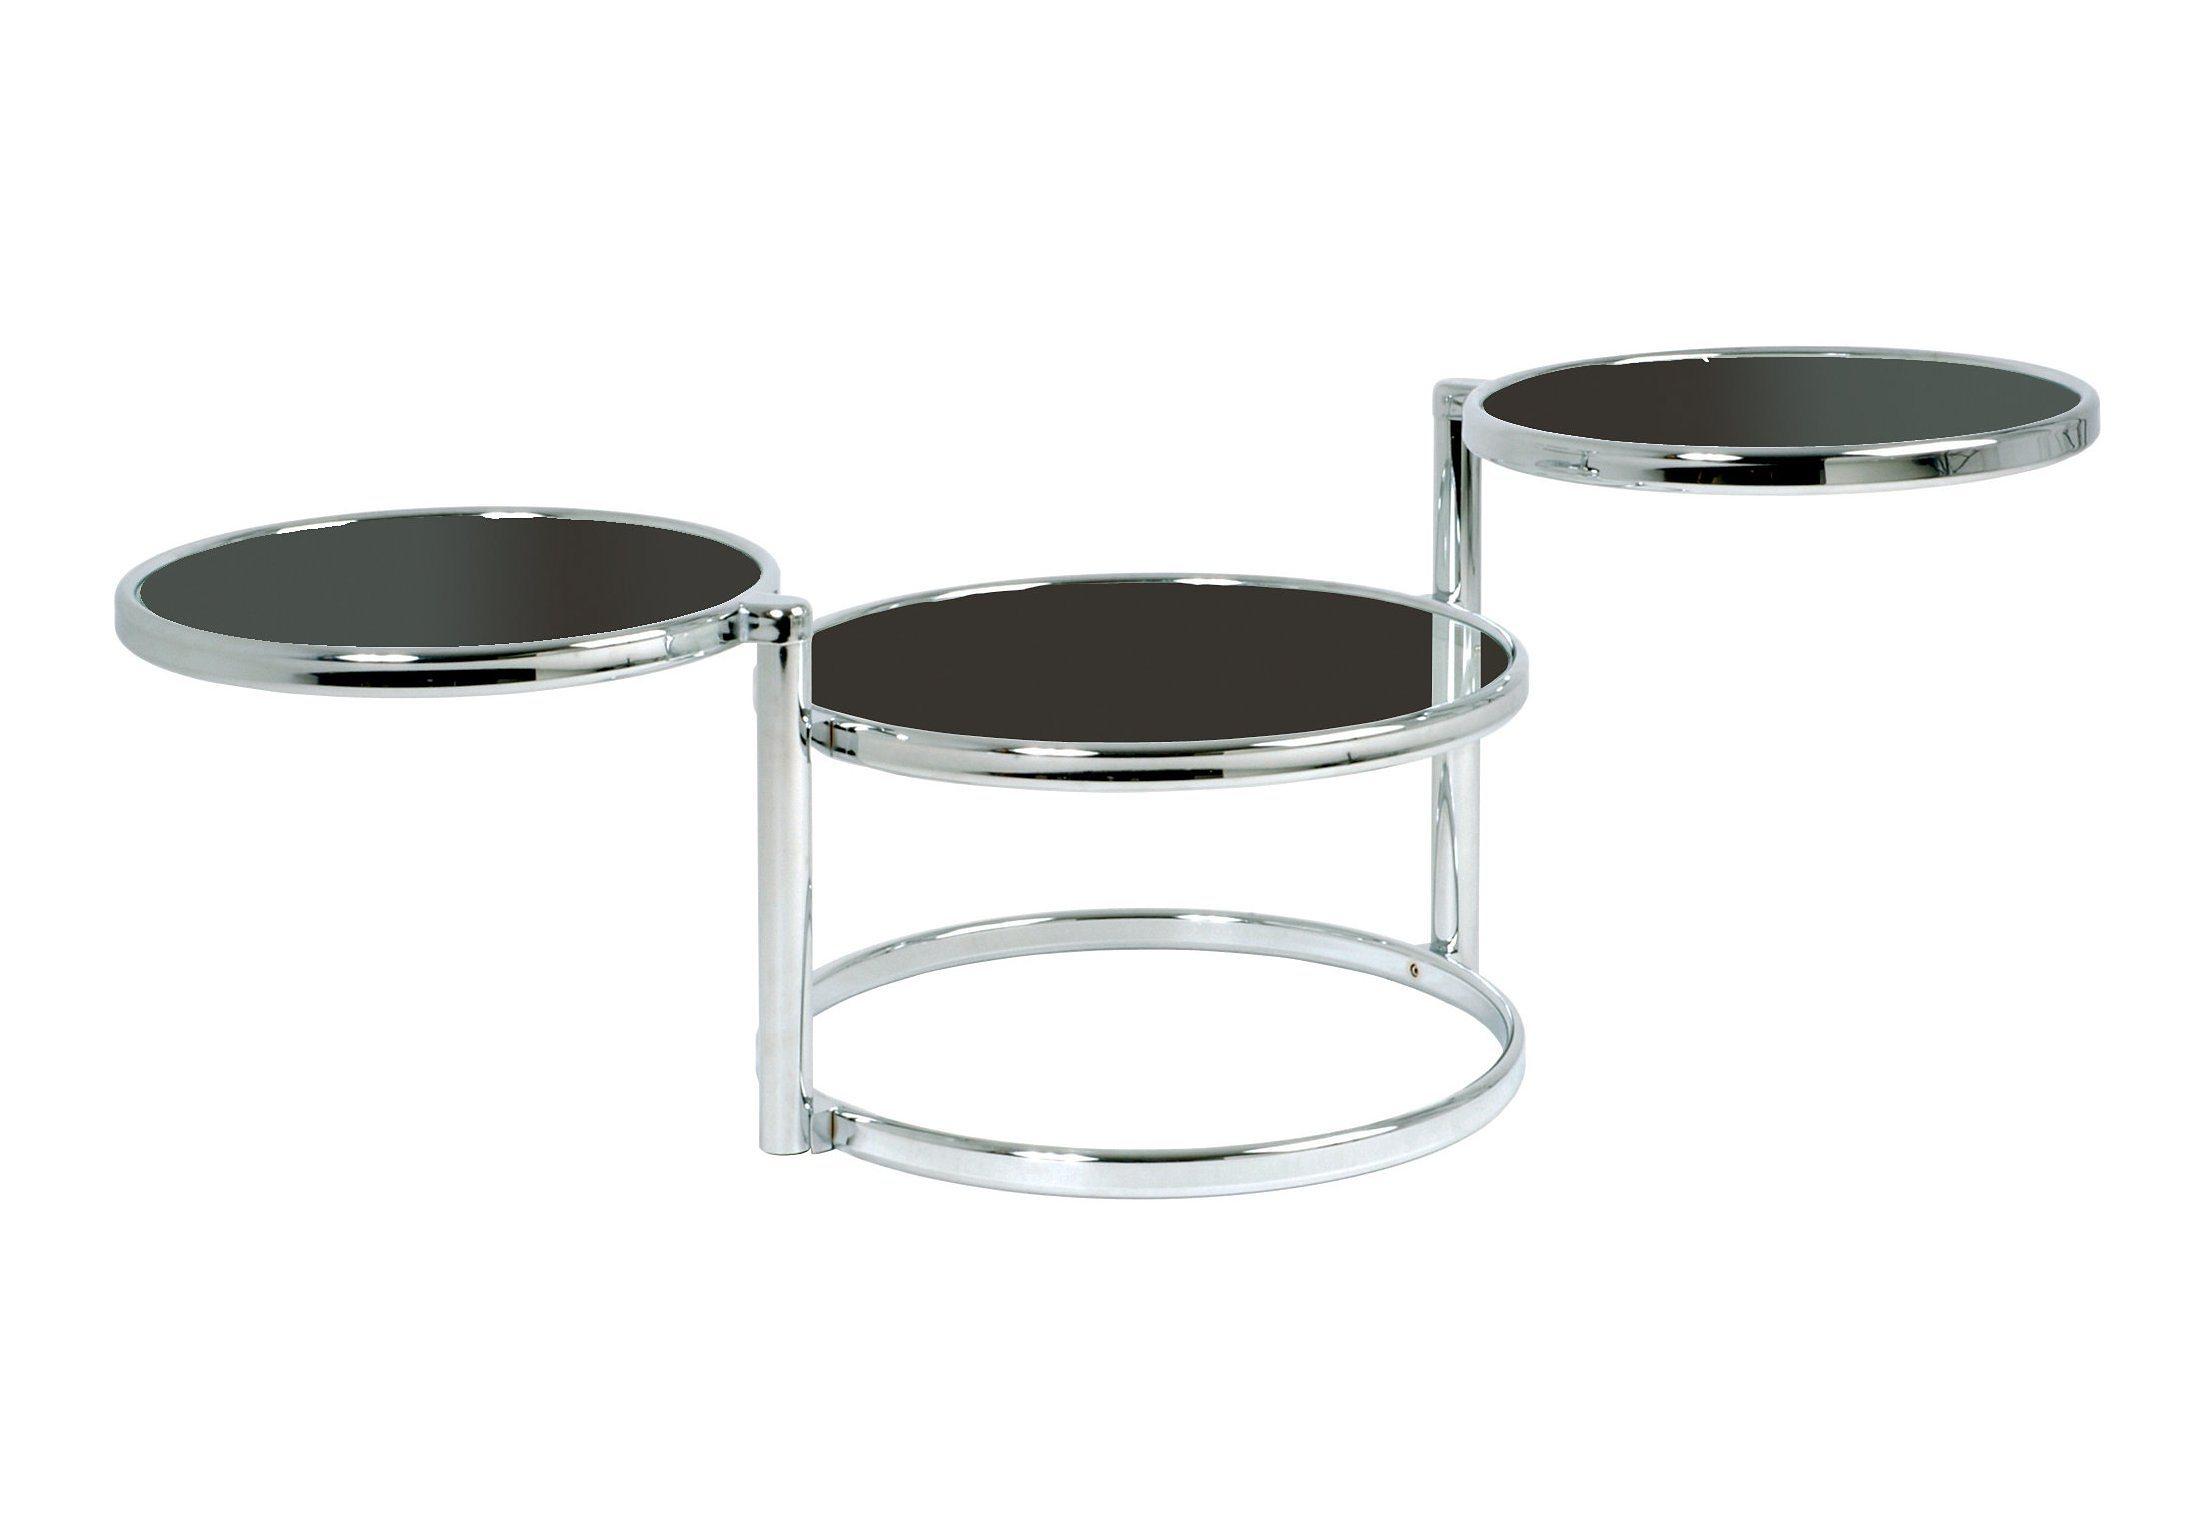 otto versand couchtische couchtisch h lsta quadratisch. Black Bedroom Furniture Sets. Home Design Ideas